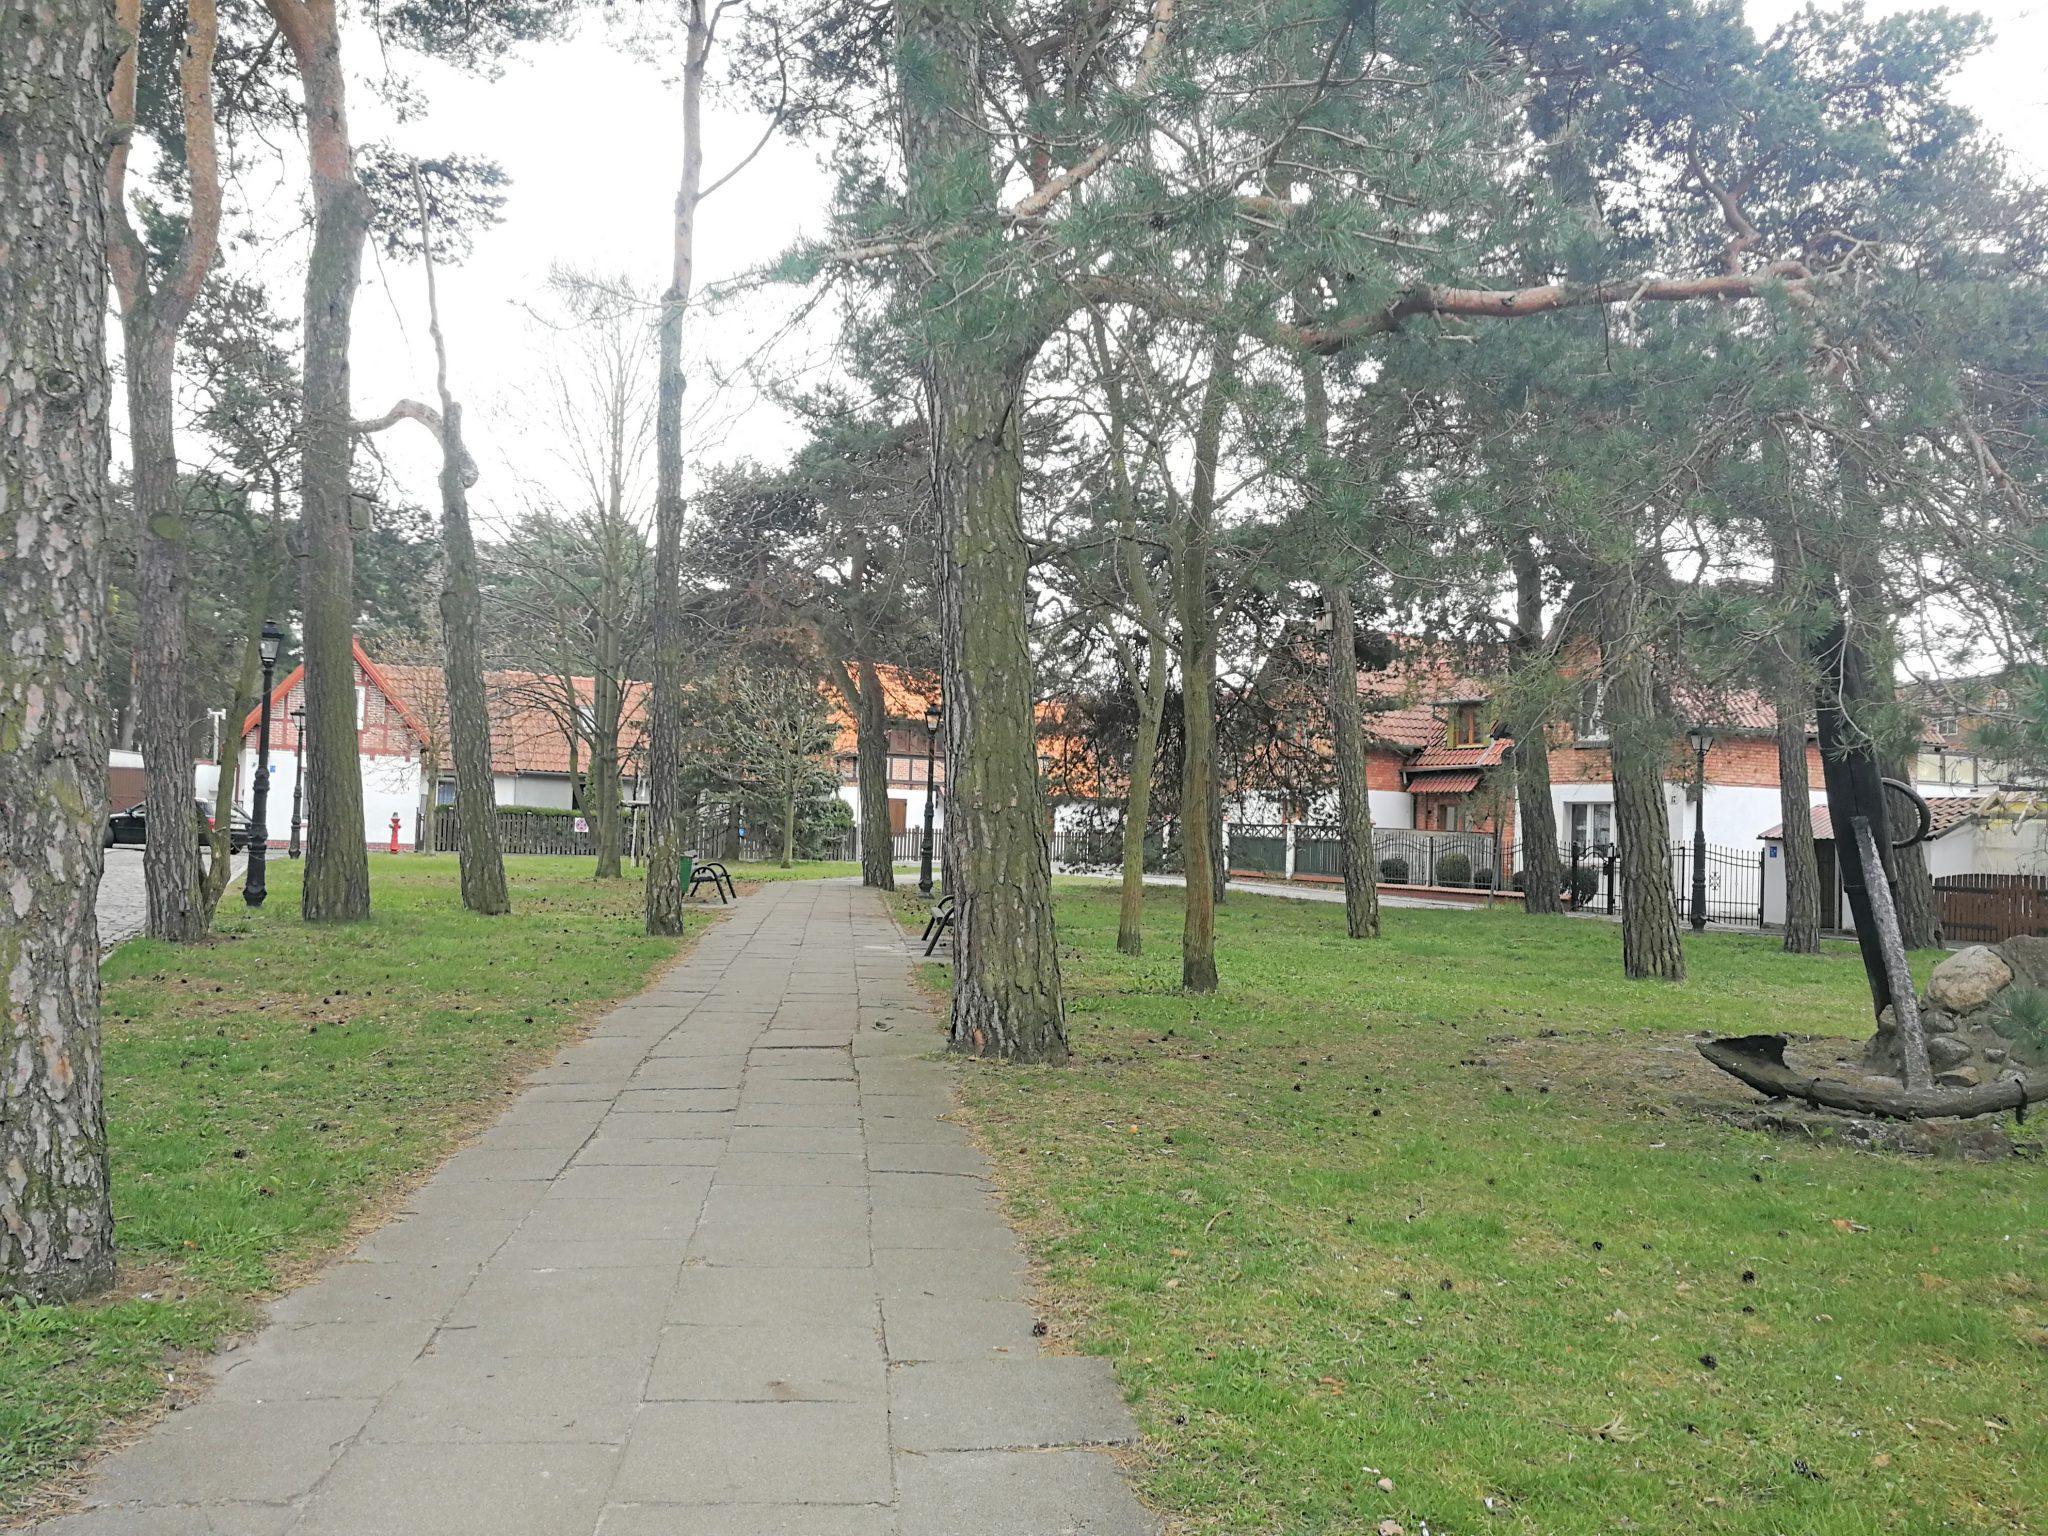 Plac-Rybaków-Sopot-zdj.-Ania-Anna-Kotula-z-Tour-Guide-Service-Gdansk